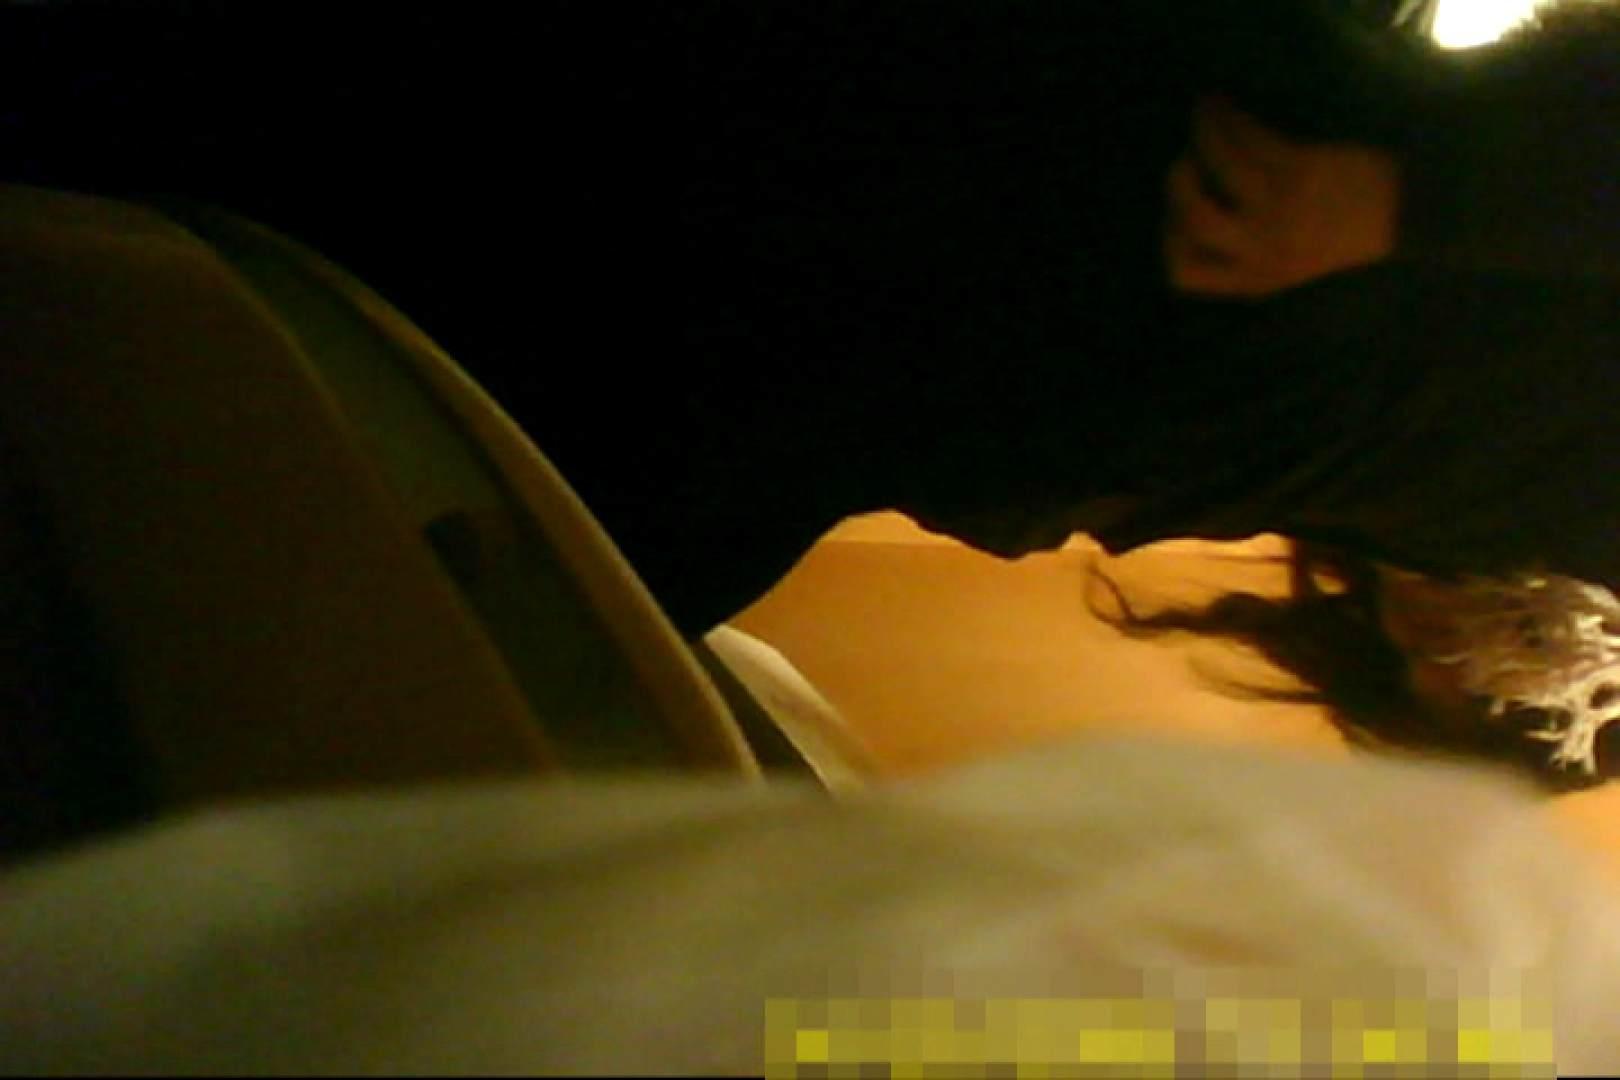 魅惑の化粧室~禁断のプライベート空間~vol.10 美しいOLの裸体 | プライベート  102pic 7